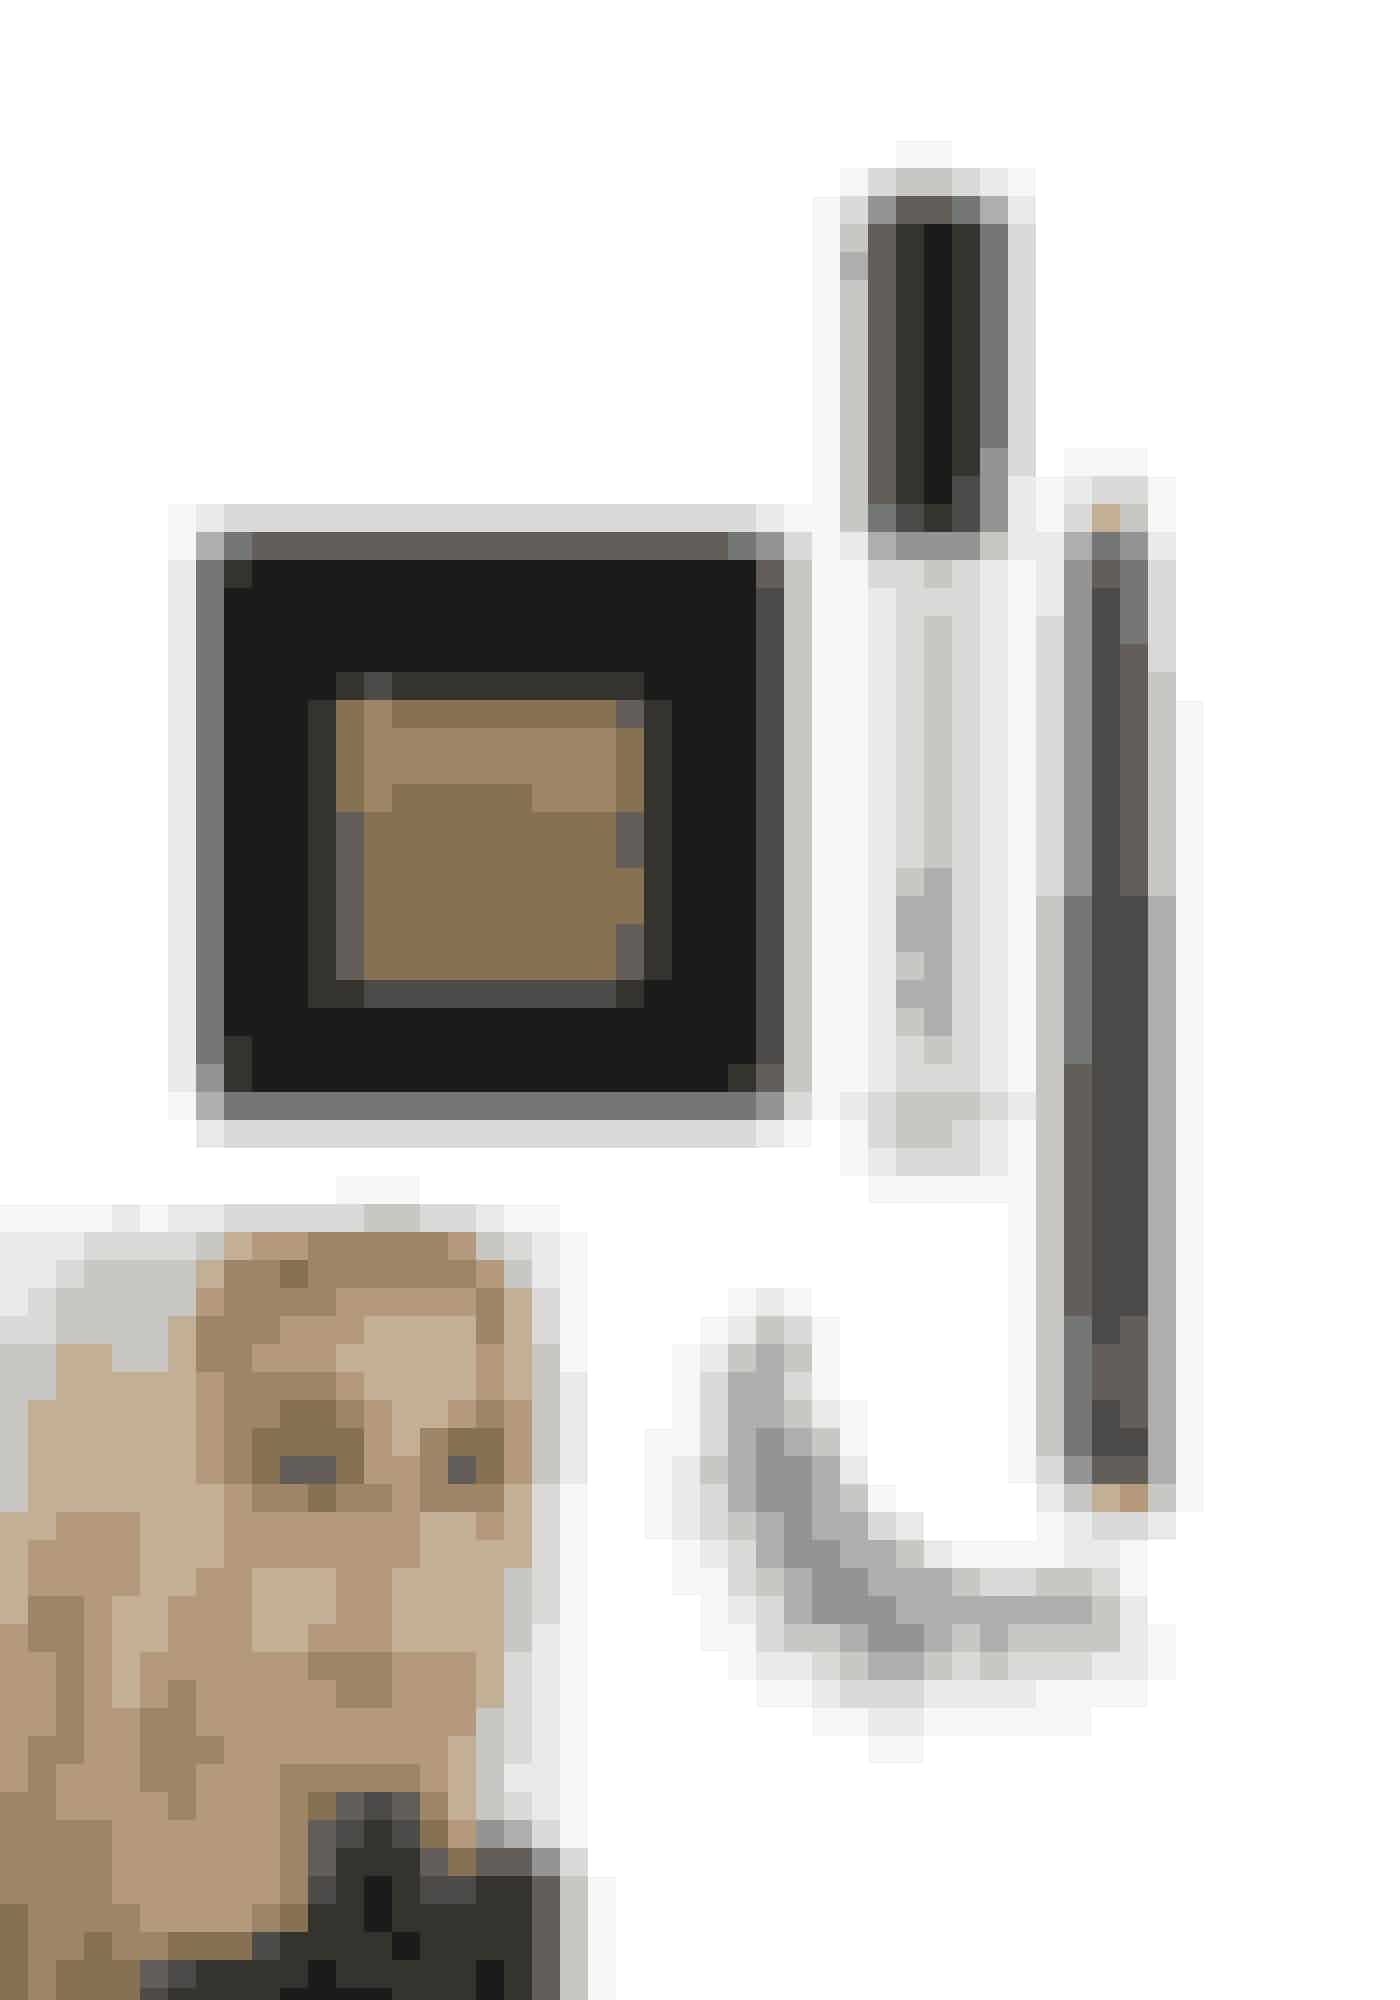 Golden EyeMetallic Eye Shadow, Bobbi Brown, 210 kr. Købes online HERLip Gloss Oil, Gosh, 100 kr. Købes online HERMetallic Eyeliner Stick, Nars, 210 kr. Købes online HERKunstige vipper, Huda Beauty, 150 kr. Købes online HER